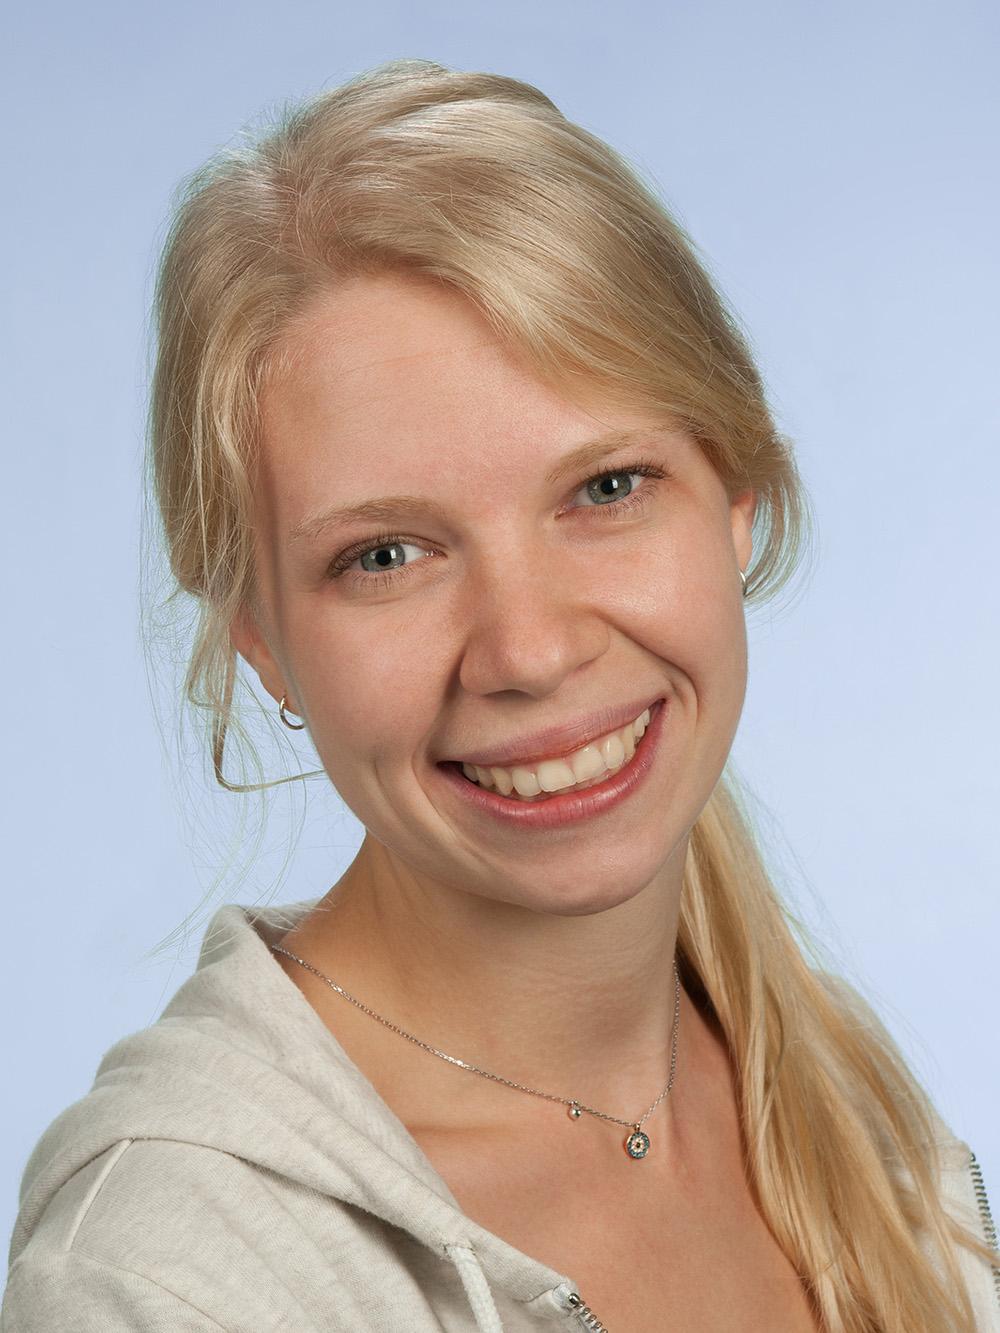 Franziska Schlieckmann